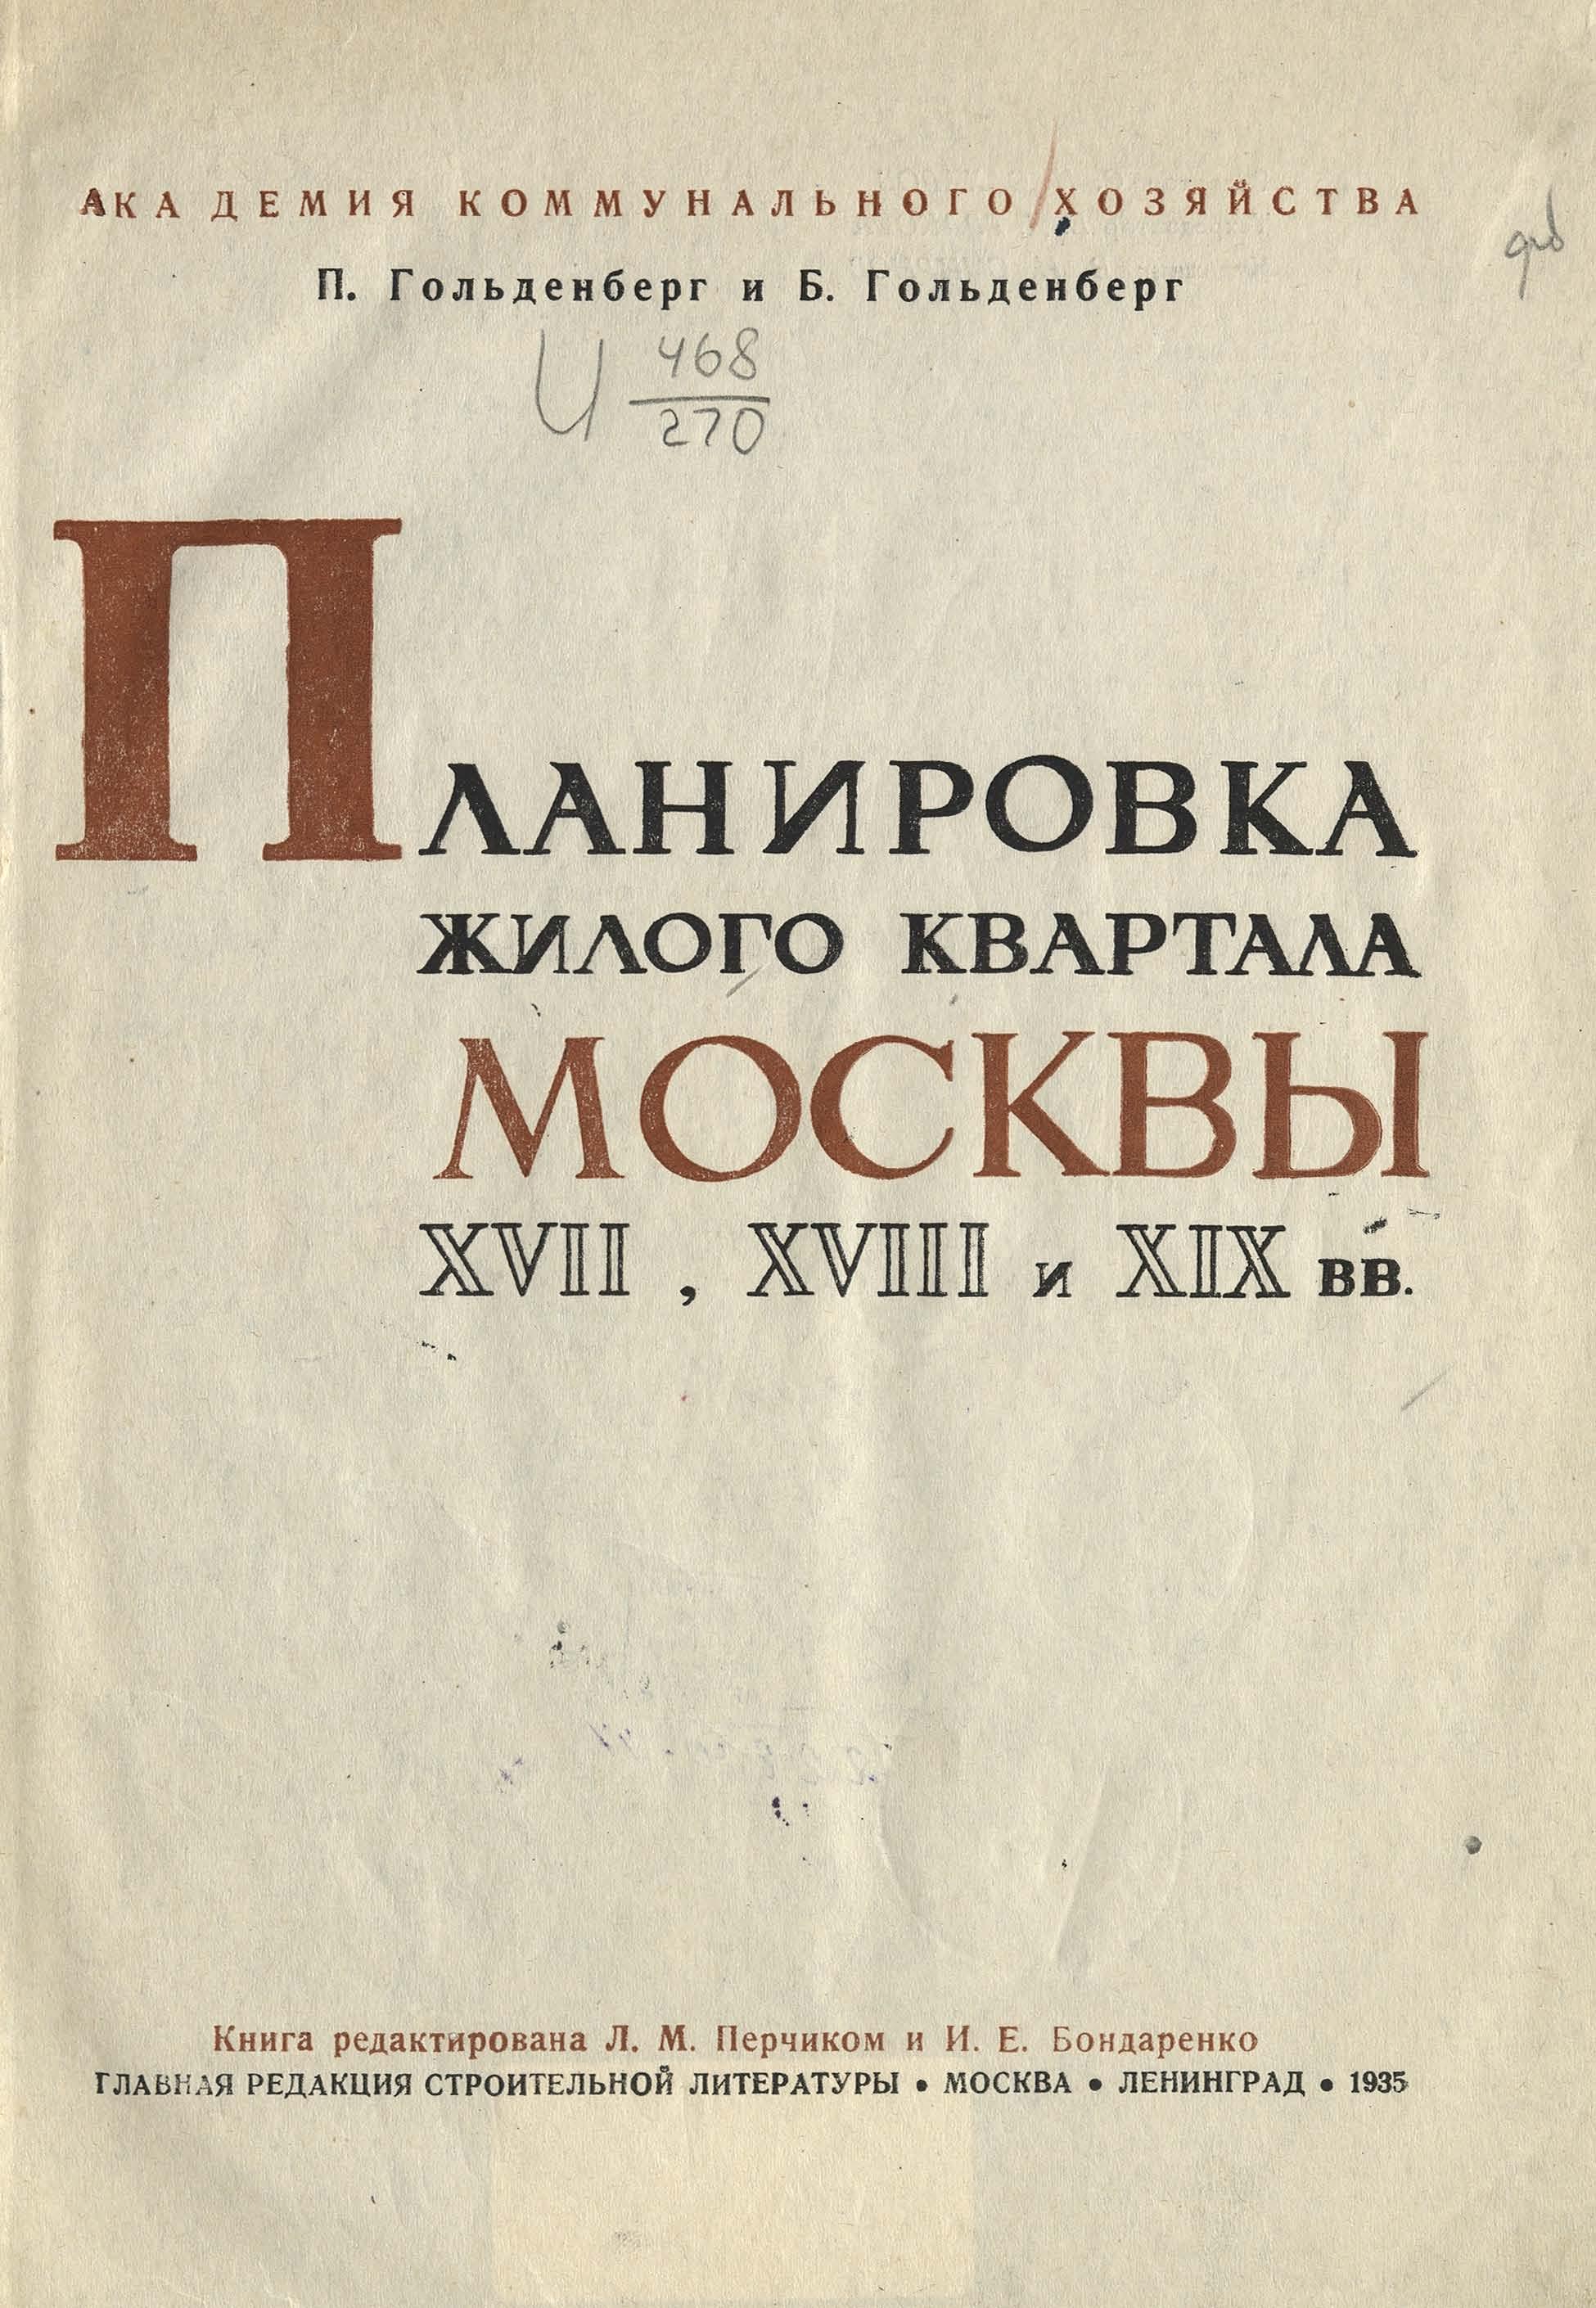 goldenberg-planirovka-zhilogo-kvartala-moskvy-xvii-xviii-xix-vv-1935-007.jpg